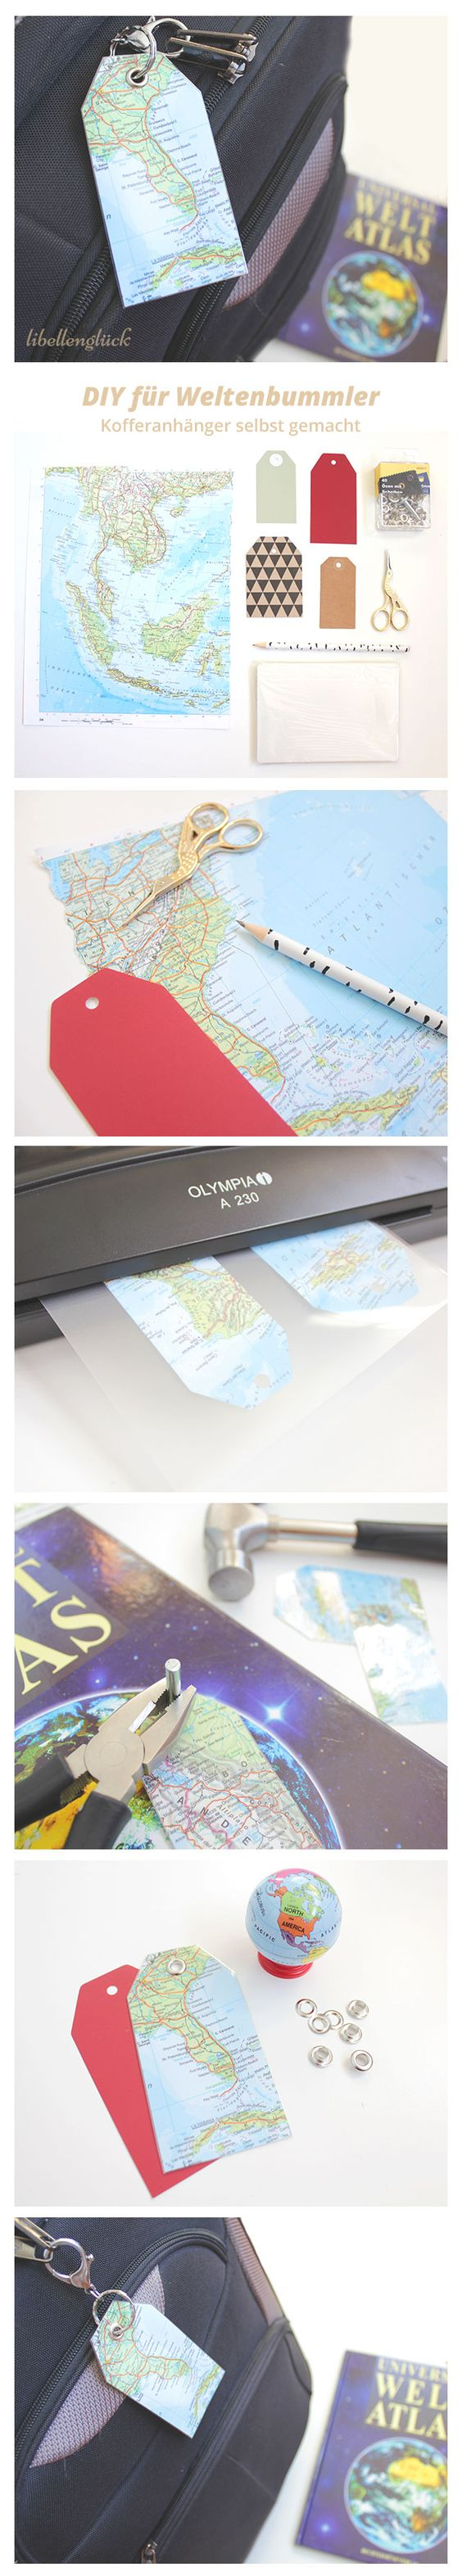 DIY für Weltenbummler - Kofferanhänger selbst gemacht - libellenglück